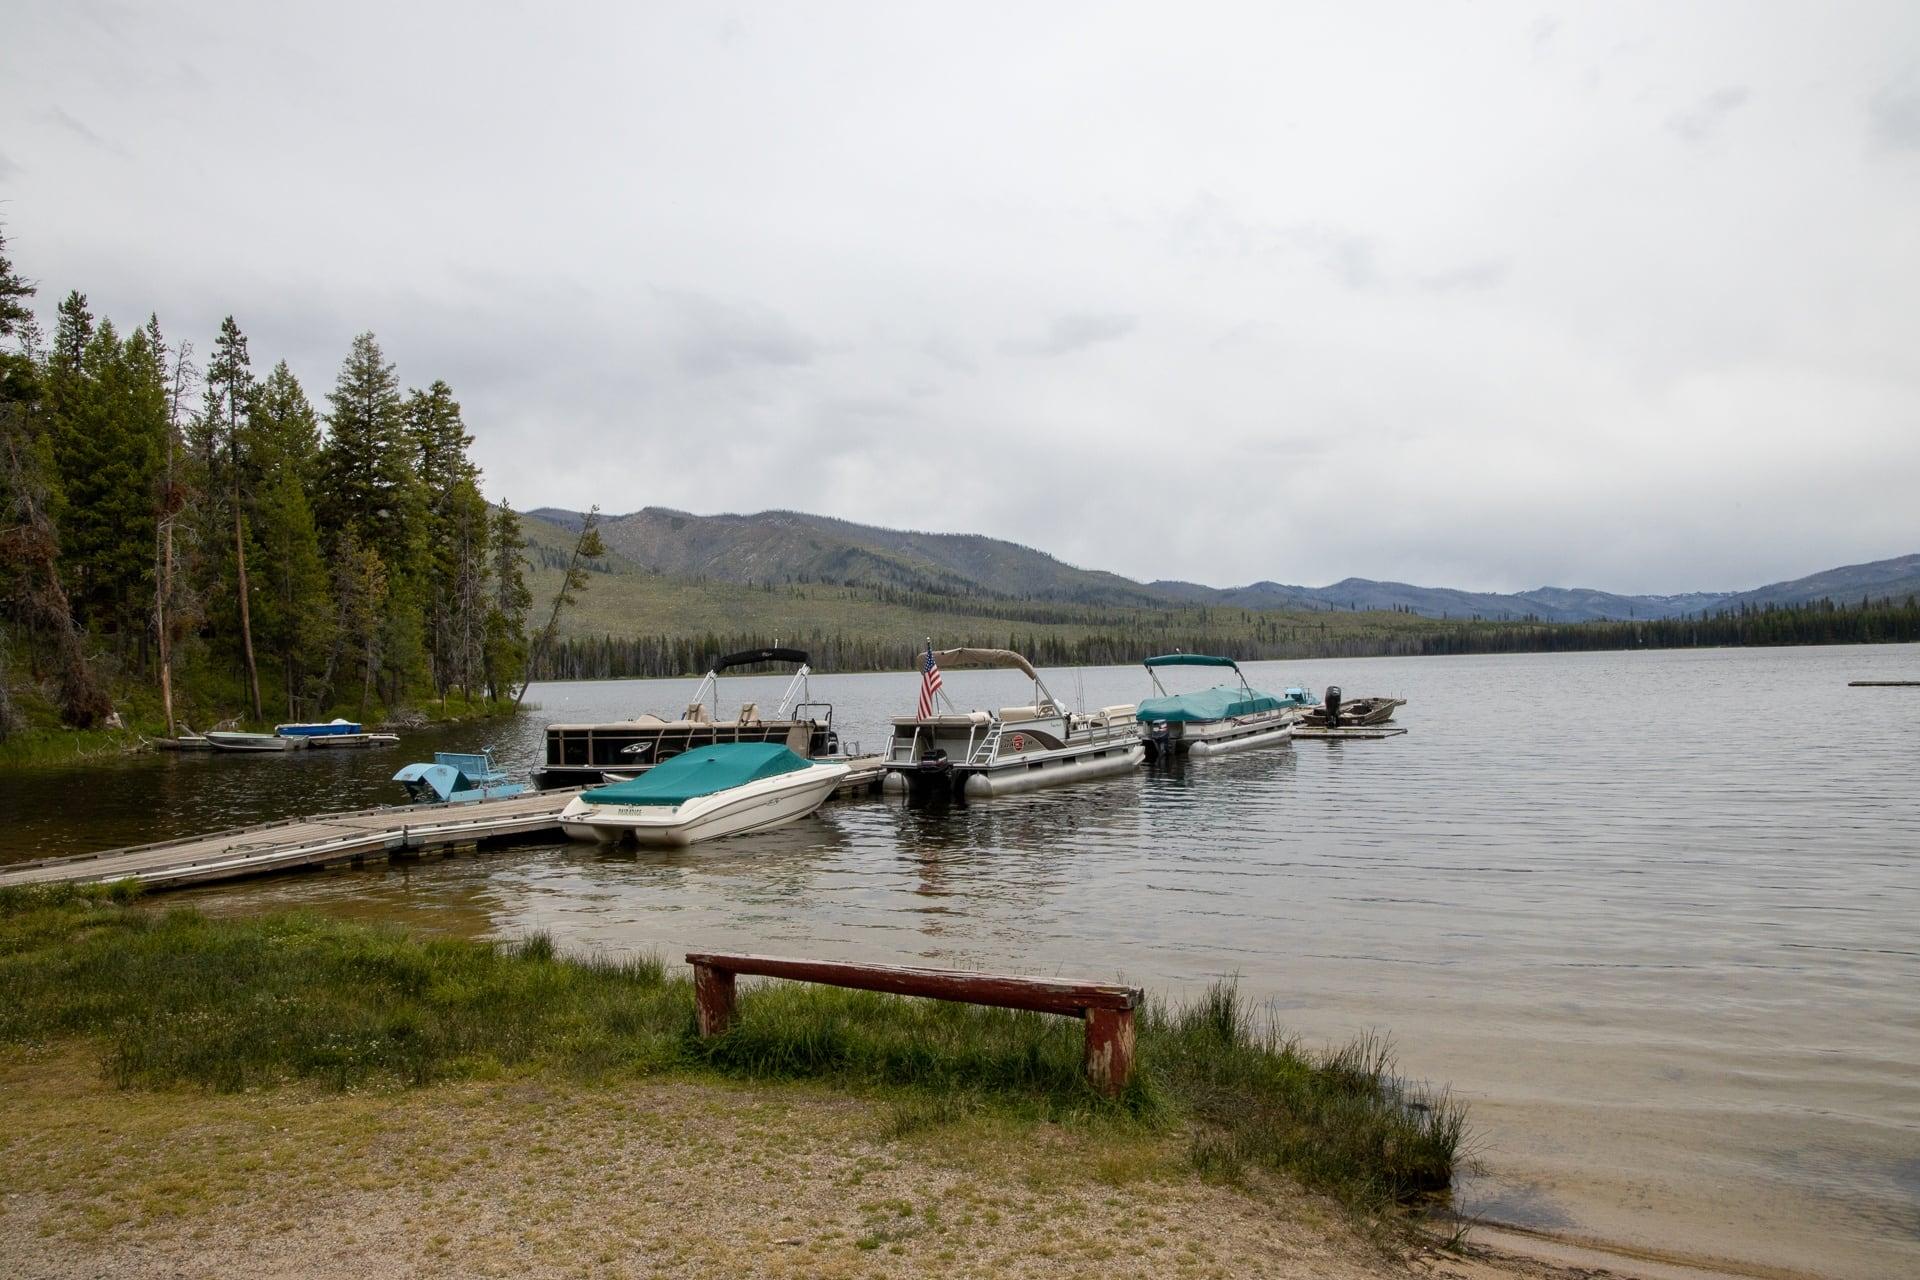 The marina at Warm Lake in Cascade idaho